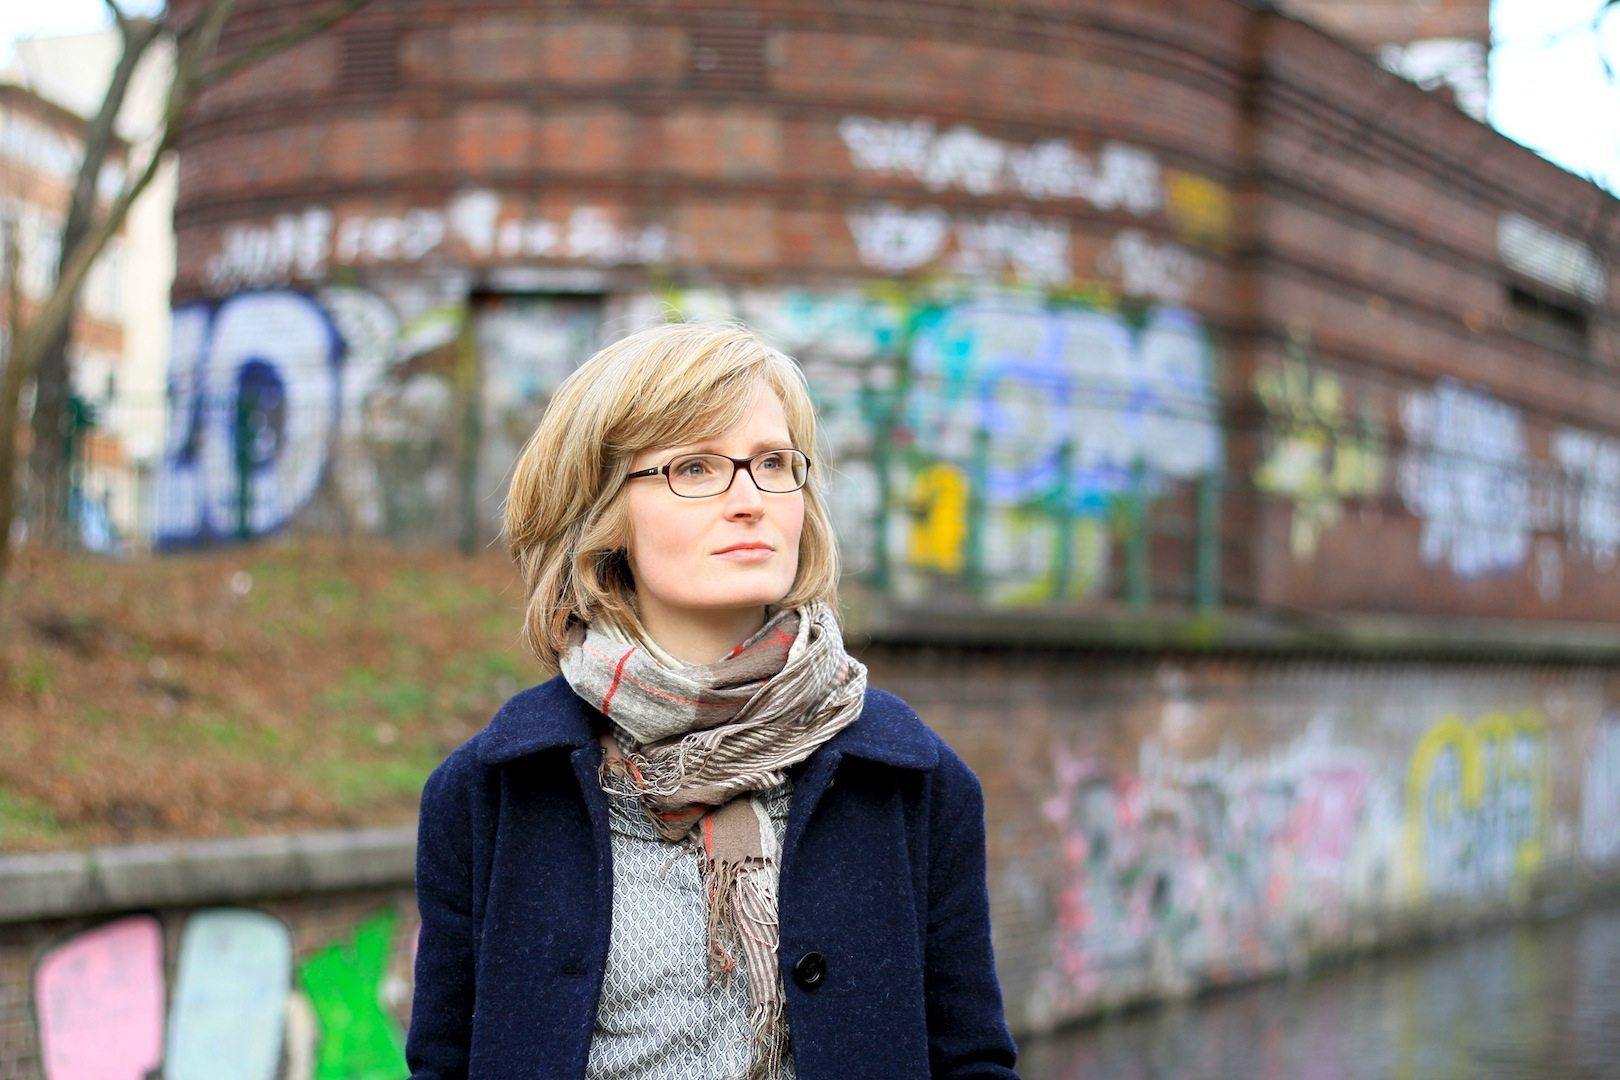 Karen Grunow. Ist Kunsthistorikerin. Als freie Journalistin schreibt sie über Kunst, Kultur und Architektur. Derzeit erarbeitet sie eine Dissertation zum Werk Jean Krämers am Fachgebiet Denkmalpflege an der Technischen Universität Berlin.